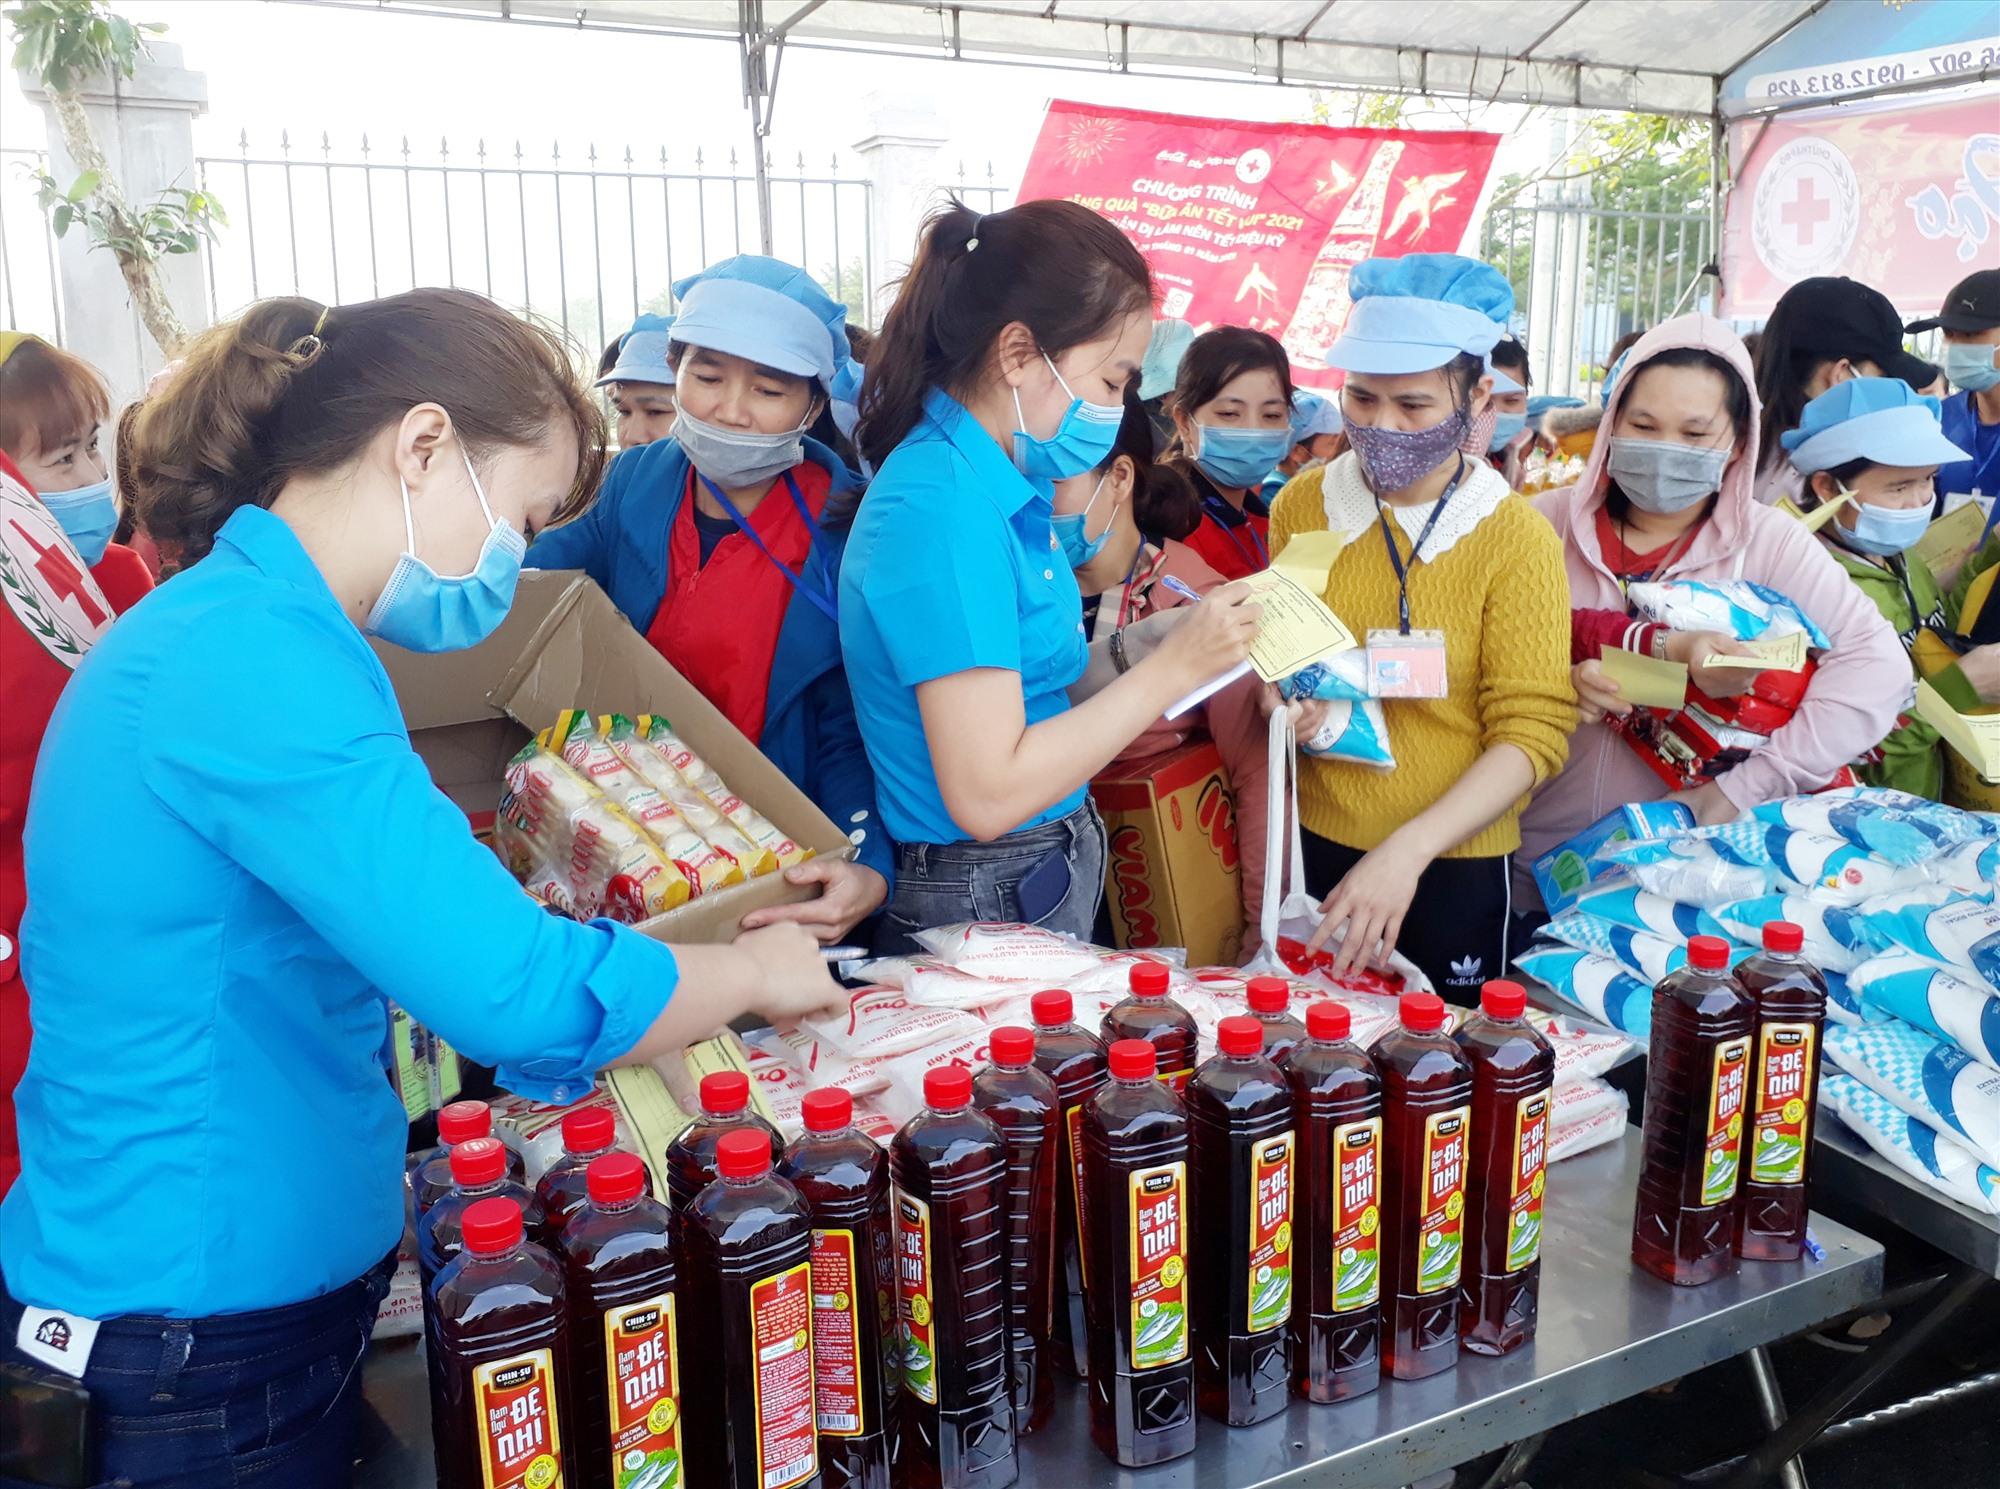 """LĐLĐ huyện Quế Sơn phối hợp với các đơn vị, doanh nghiệp tổ chức """"phiên chợ 0 đồng"""" cho công nhân có hoàn cảnh khó khăn. Ảnh: T.L"""